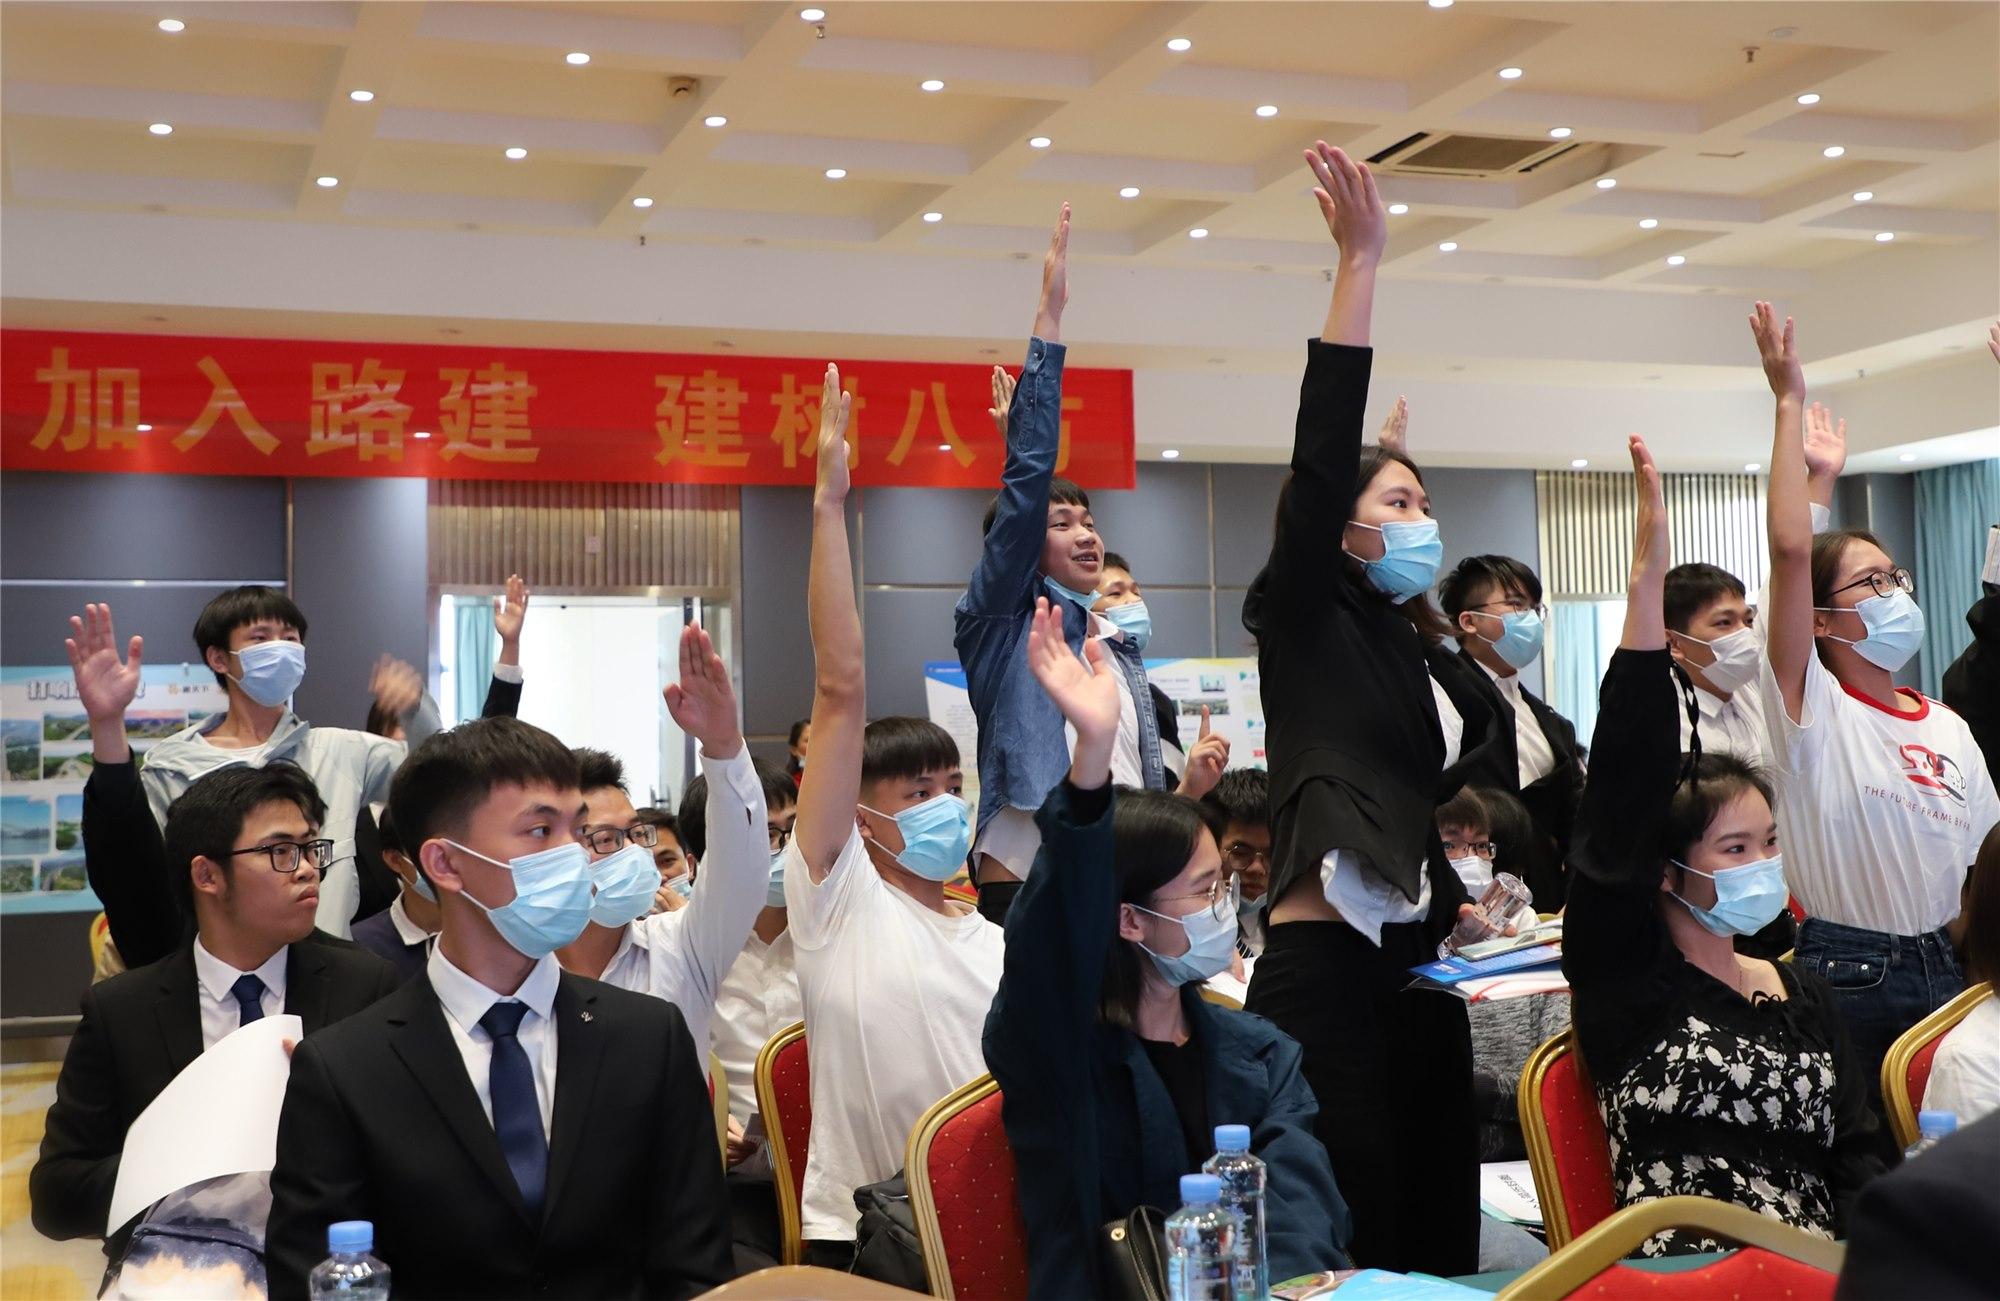 4 学生互动.JPG